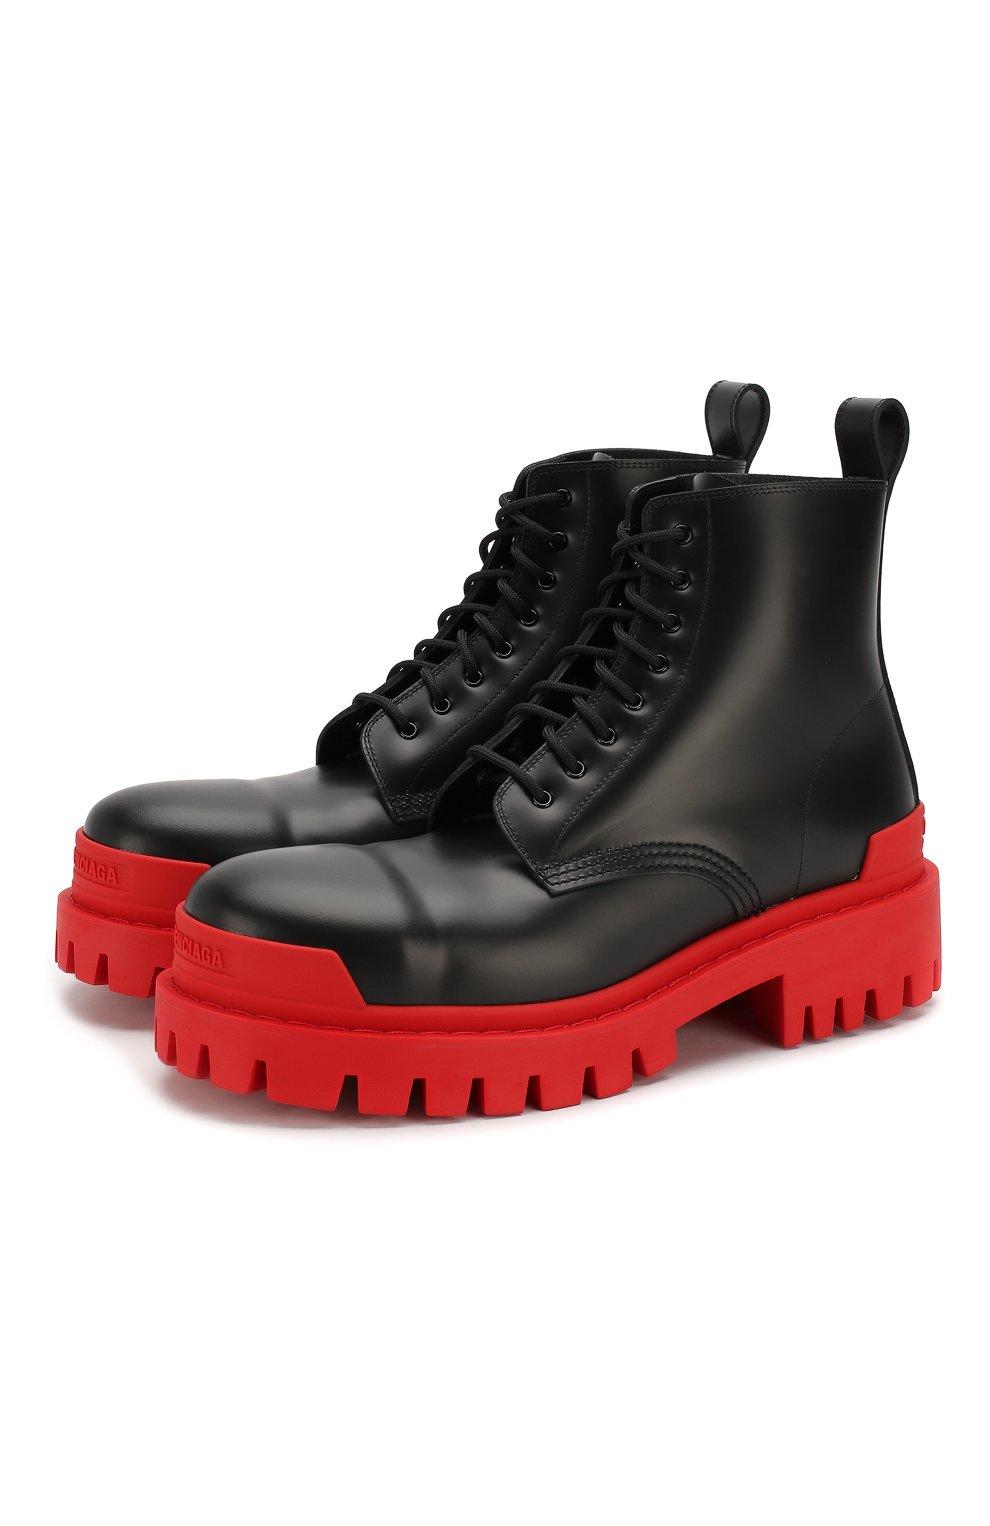 Мужские кожаные ботинки strike BALENCIAGA черного цвета, арт. 589338/WA967   Фото 1 (Каблук высота: Высокий; Мужское Кросс-КТ: Ботинки-обувь; Материал внутренний: Натуральная кожа; Подошва: Массивная)